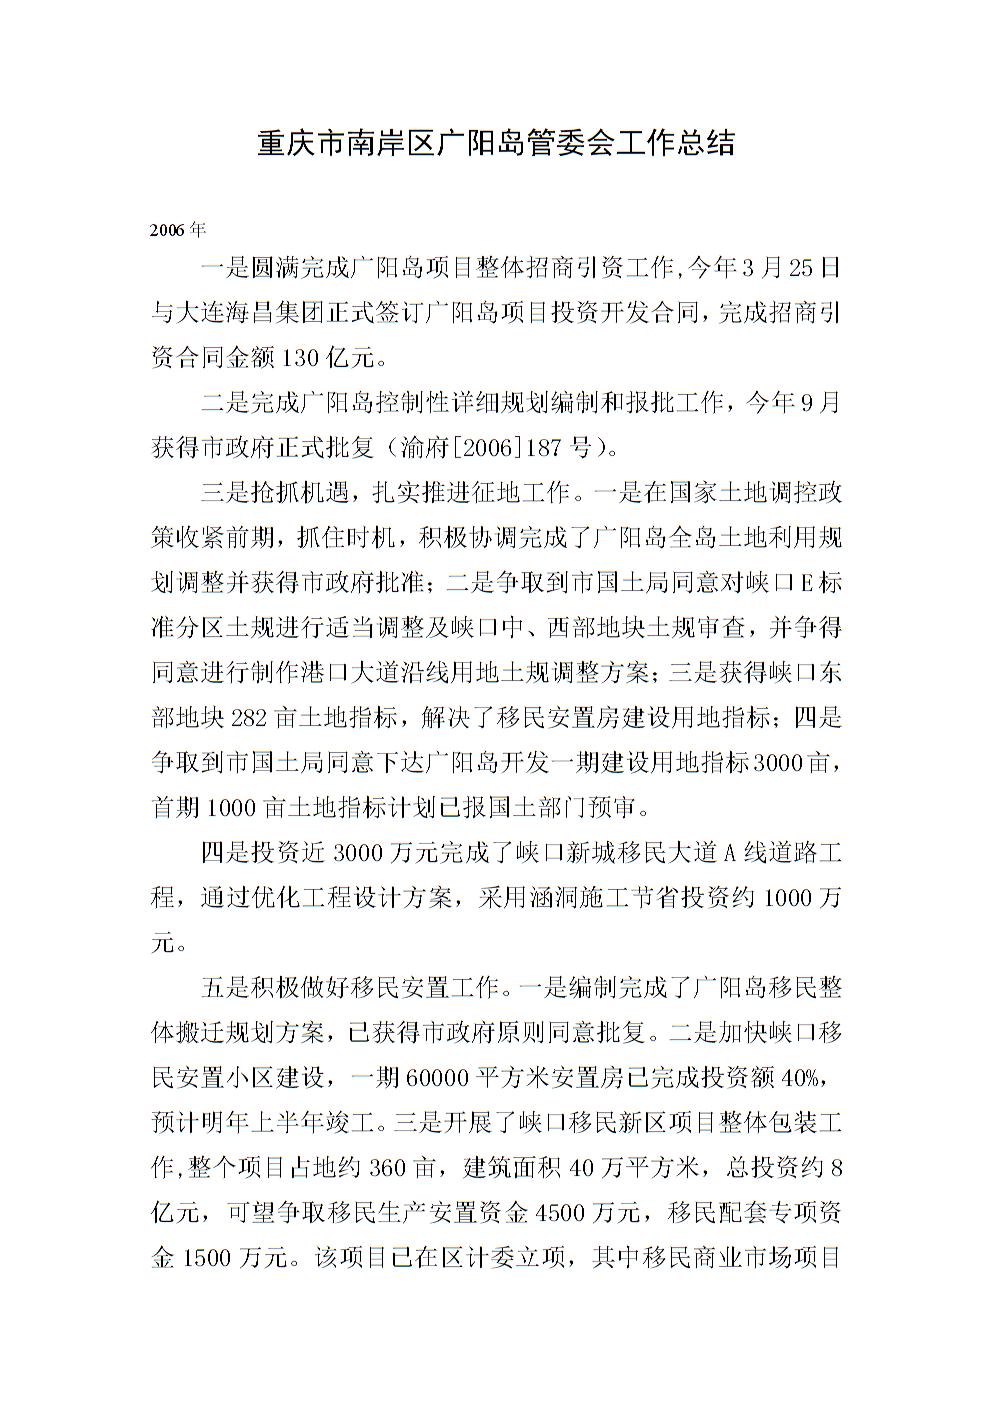 重庆市南岸区广阳岛管委会工作总结.doc